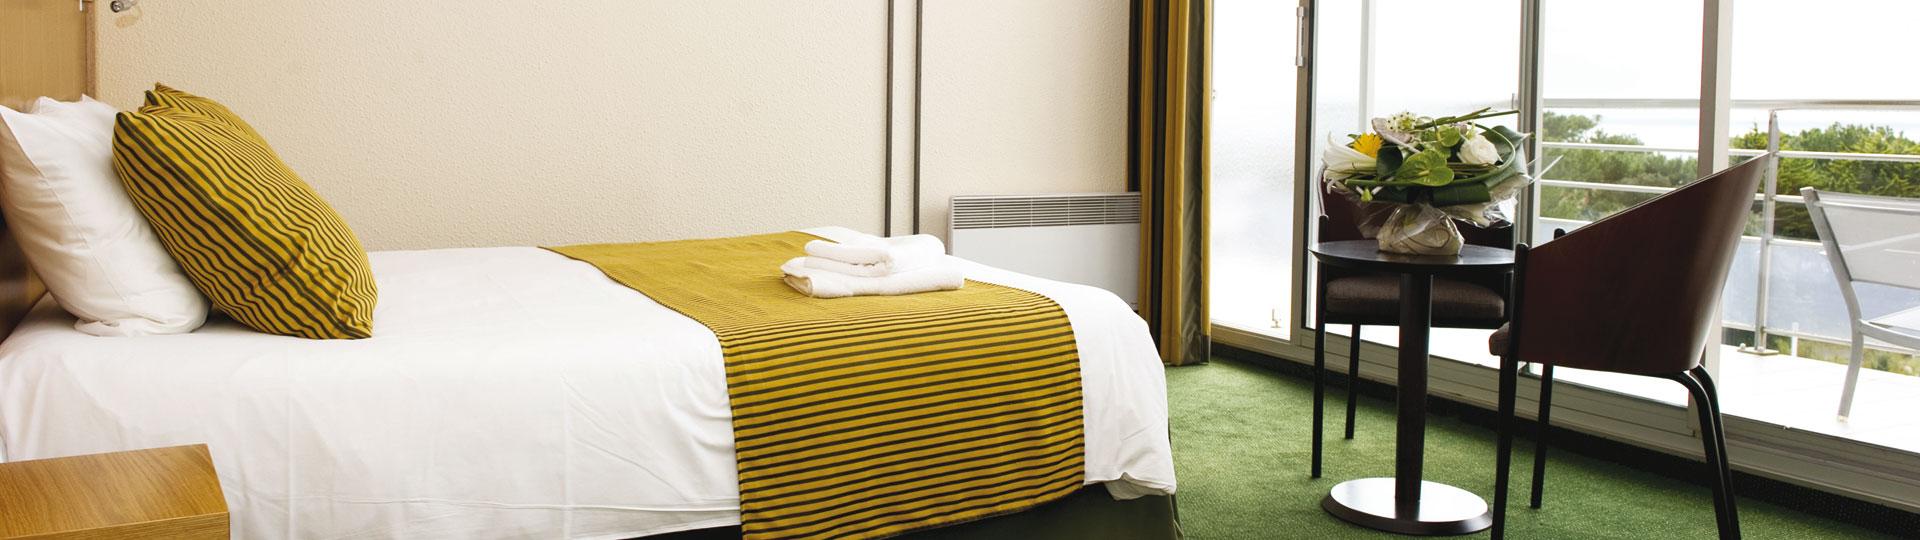 Chambre double - Hôtel *** Les Jardins de l'Atlantique